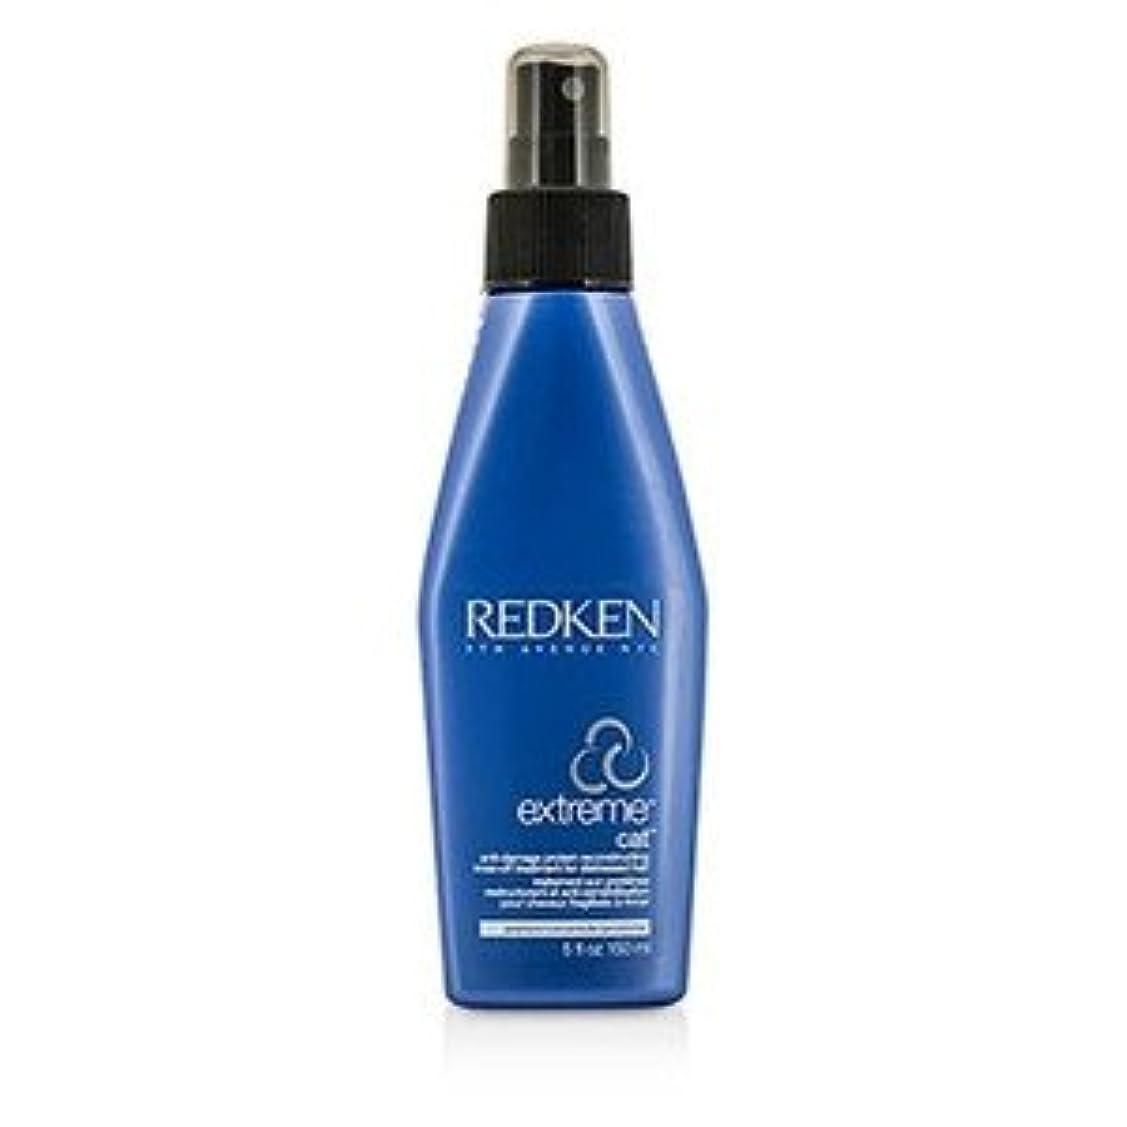 ガイダンストランクライブラリ聞くRedken エクストリーム キャット アンチダメージ プロテイン リコンストラクティング リンス オフ トリートメント(For Distressed Hair) 150ml/5oz [並行輸入品]